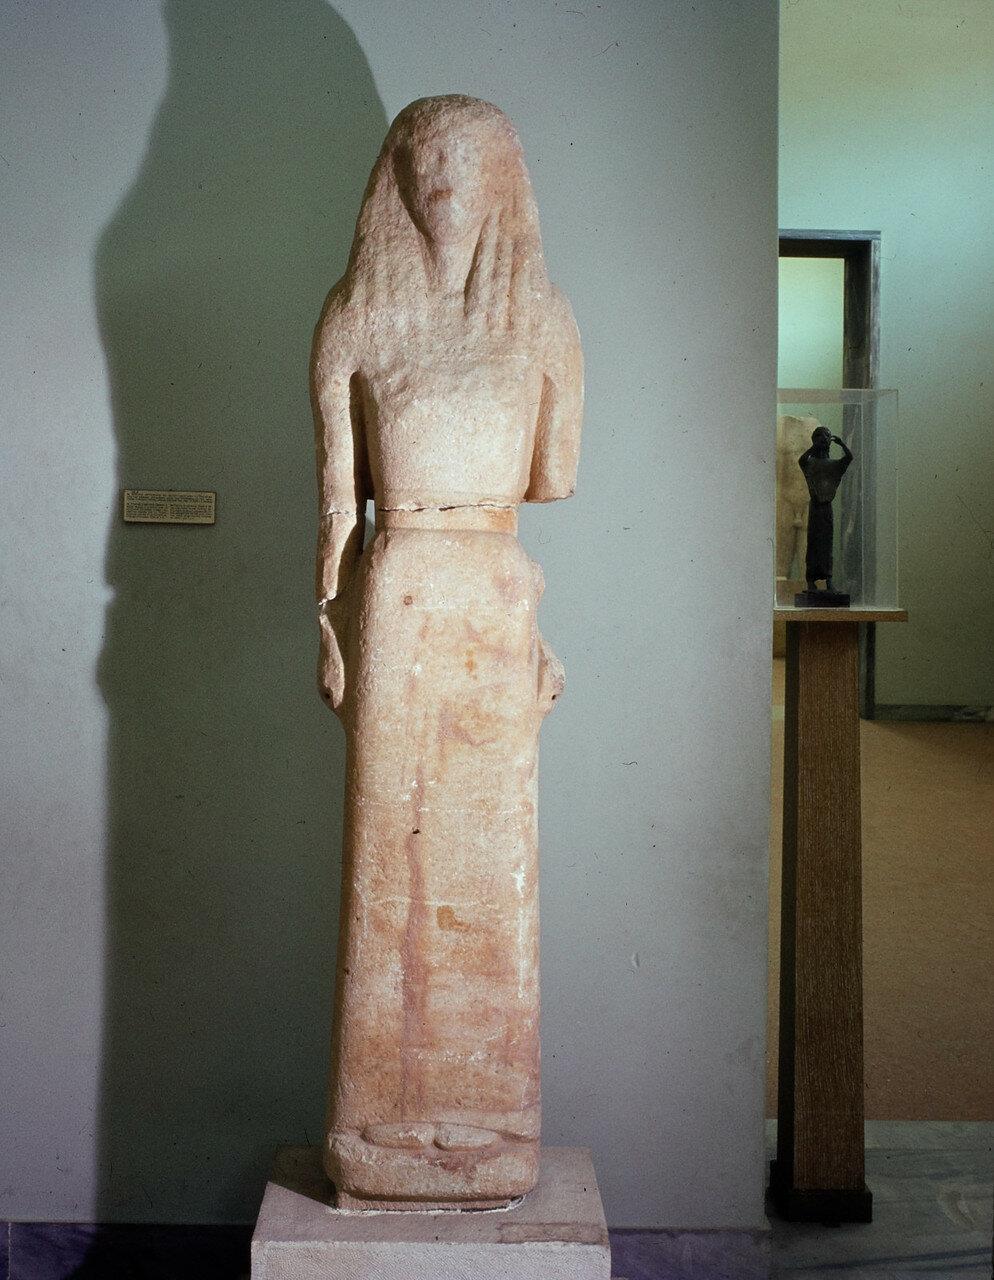 Афины. Национальный археологический музей. Статуя Артемиды Делоской. Обет Никандра из Наксоса. До 650 г. до н.э.